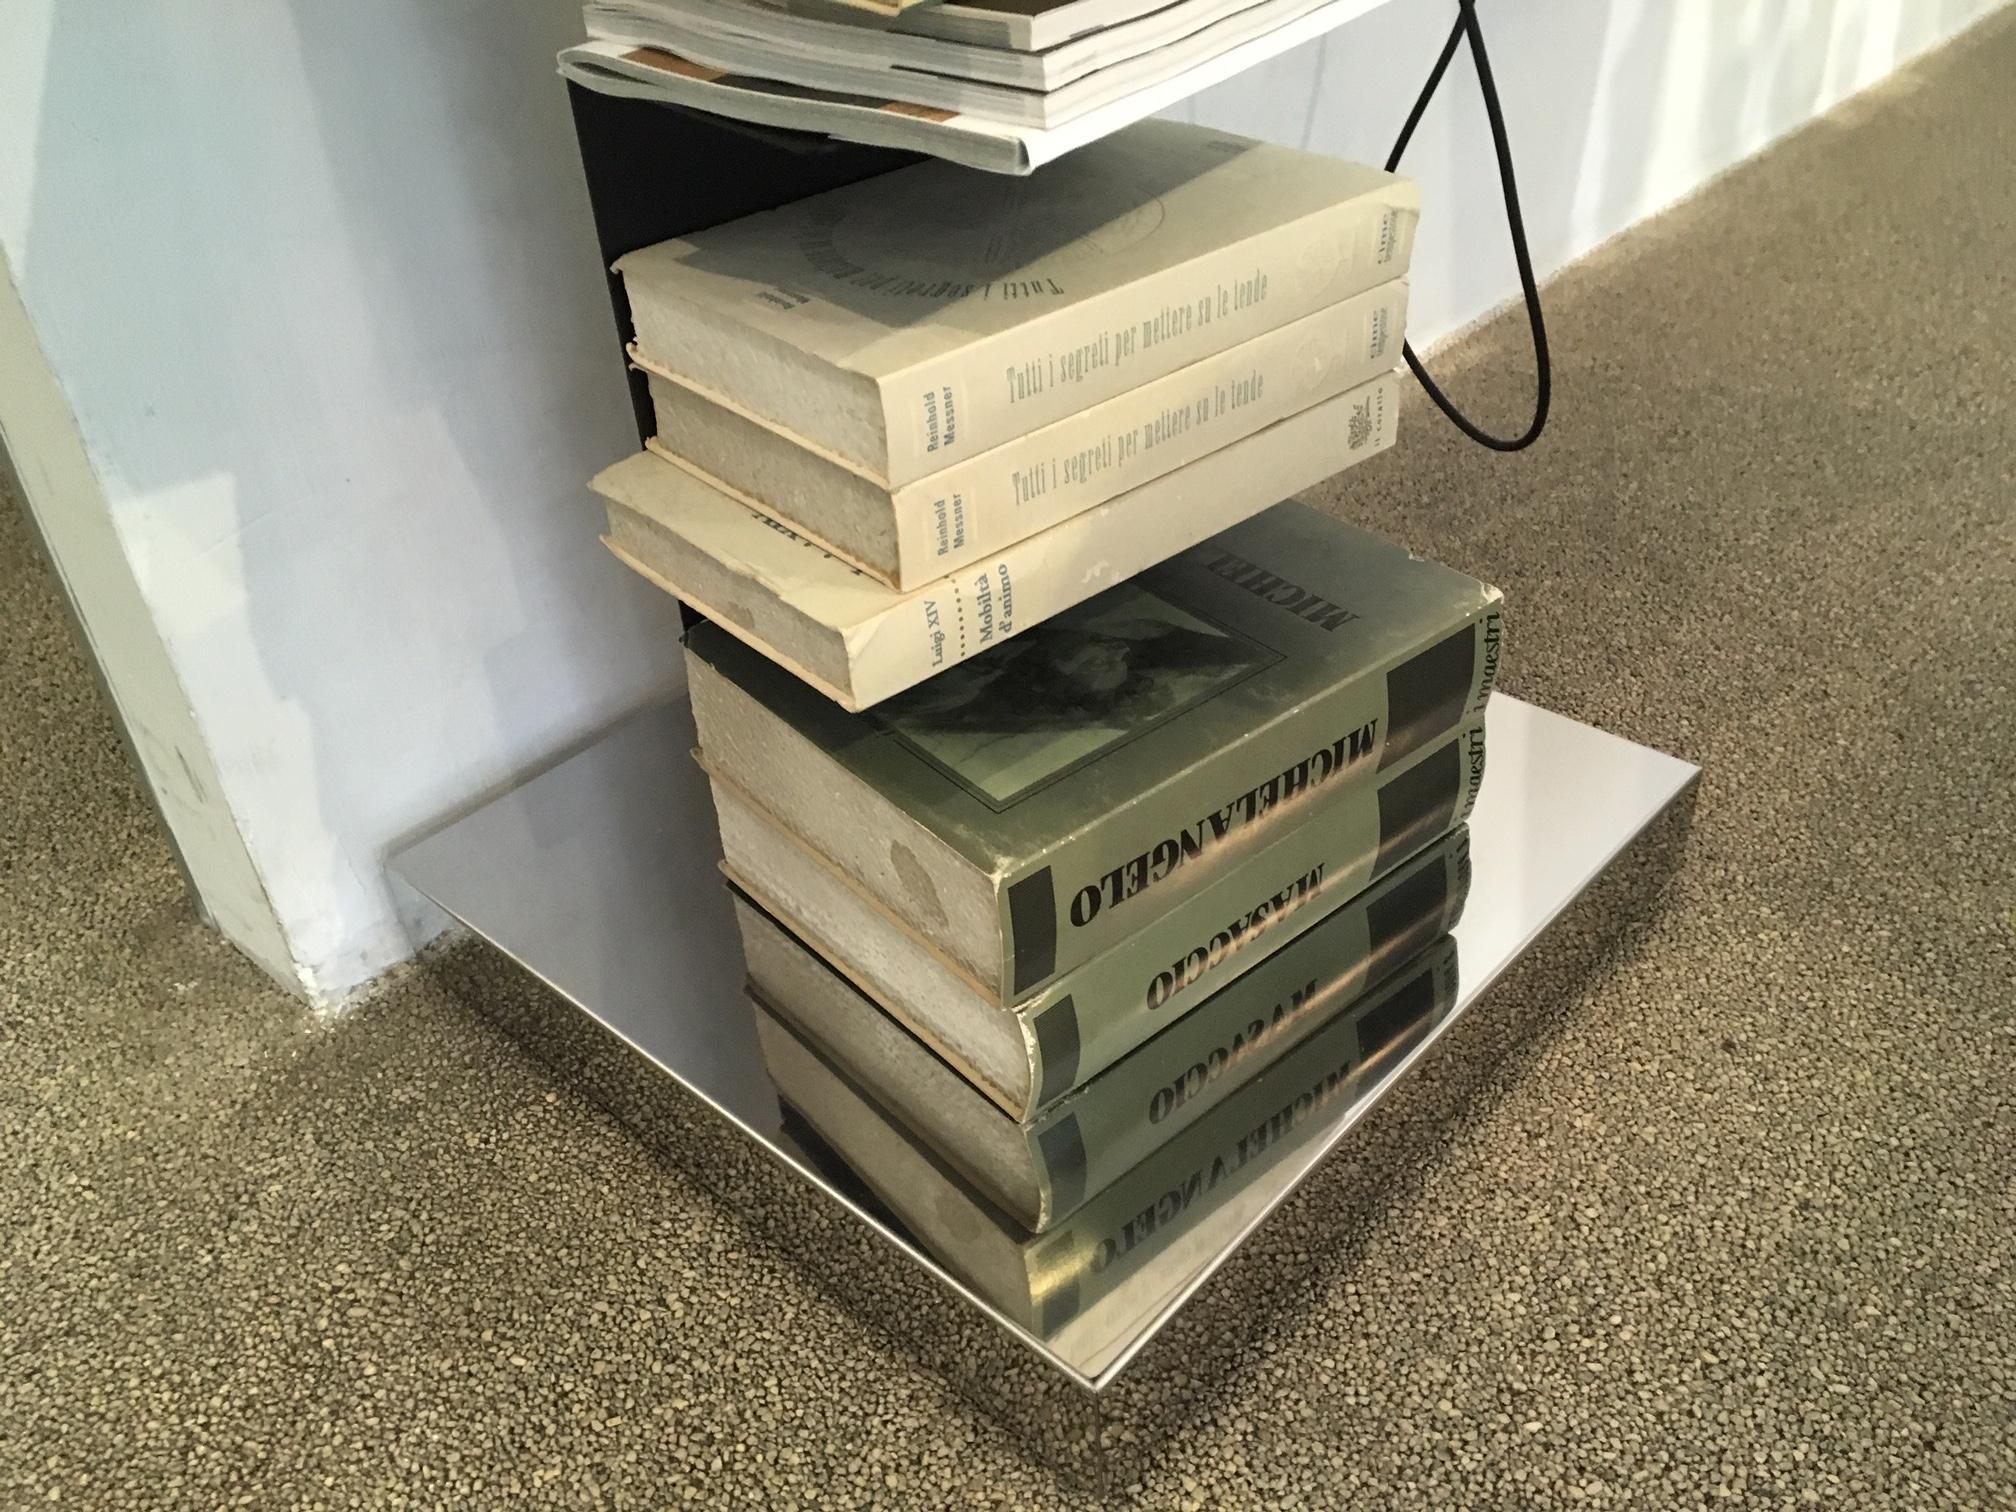 Libreria a parete 25 52 ktiptonite ferrari arredamenti for Ferrari arredamenti battuello